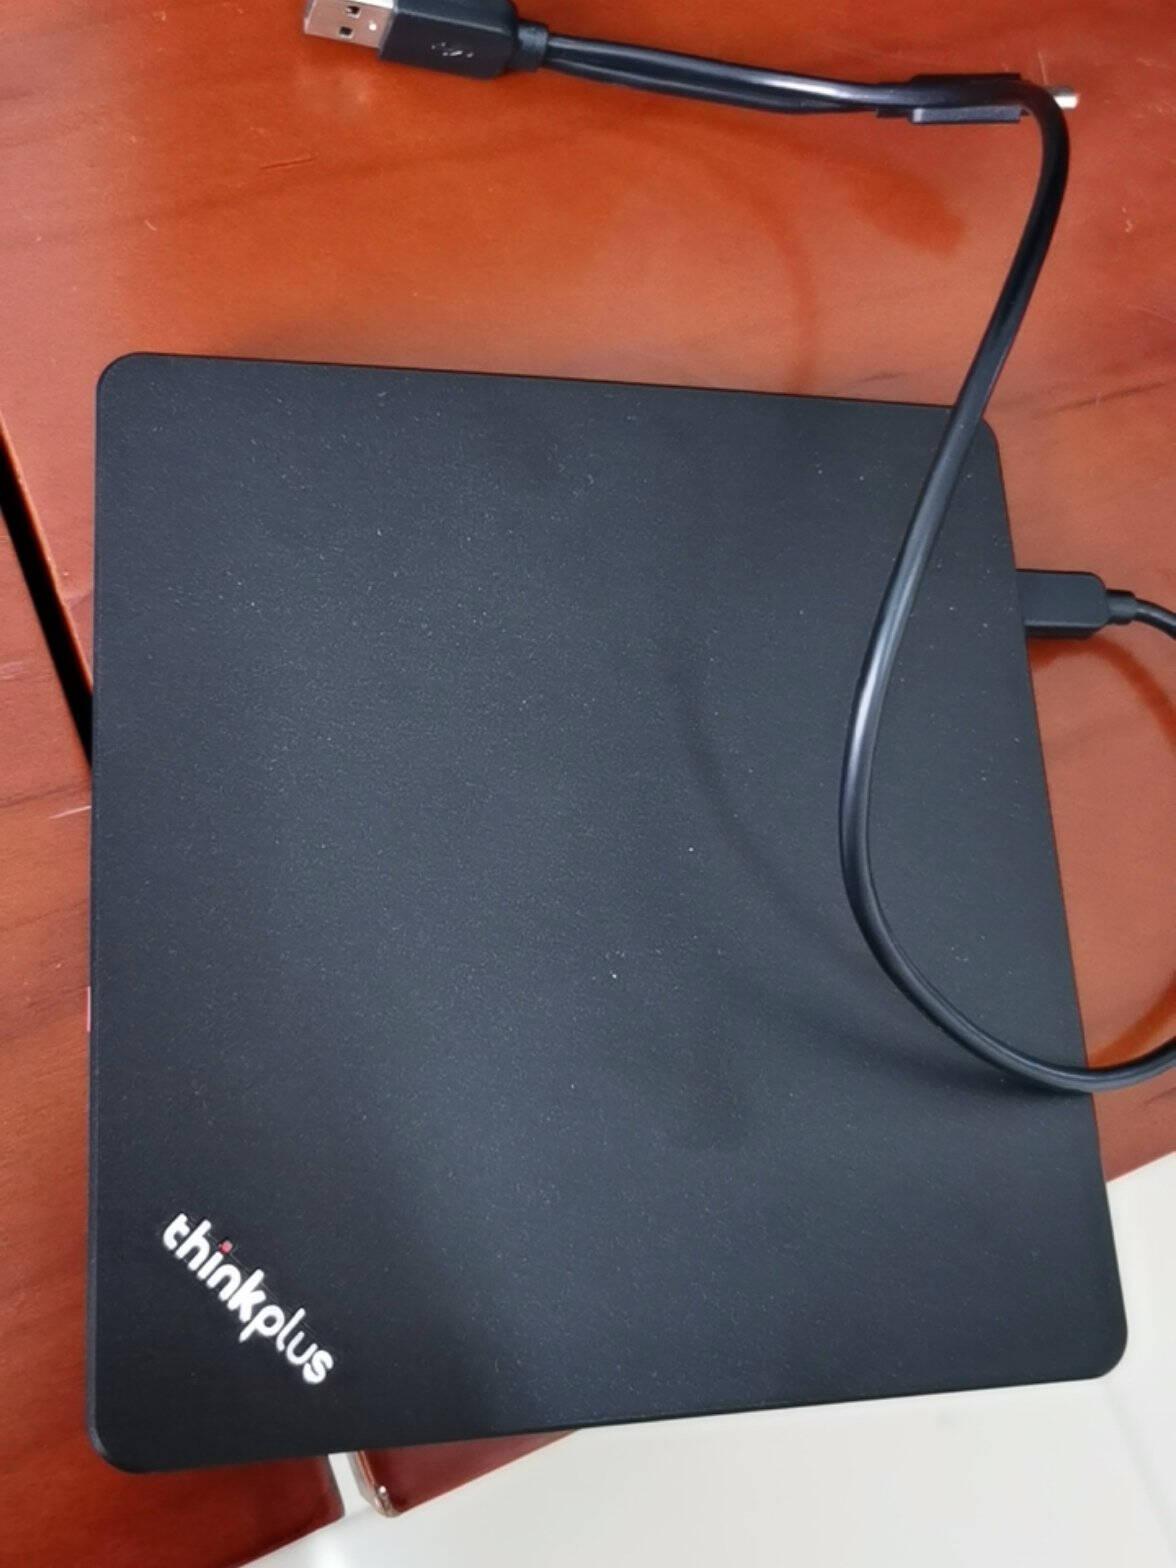 联想ThinkPad光驱笔记本台式机USB/type-c双光驱超薄外置移动光驱DVD刻录机tx800